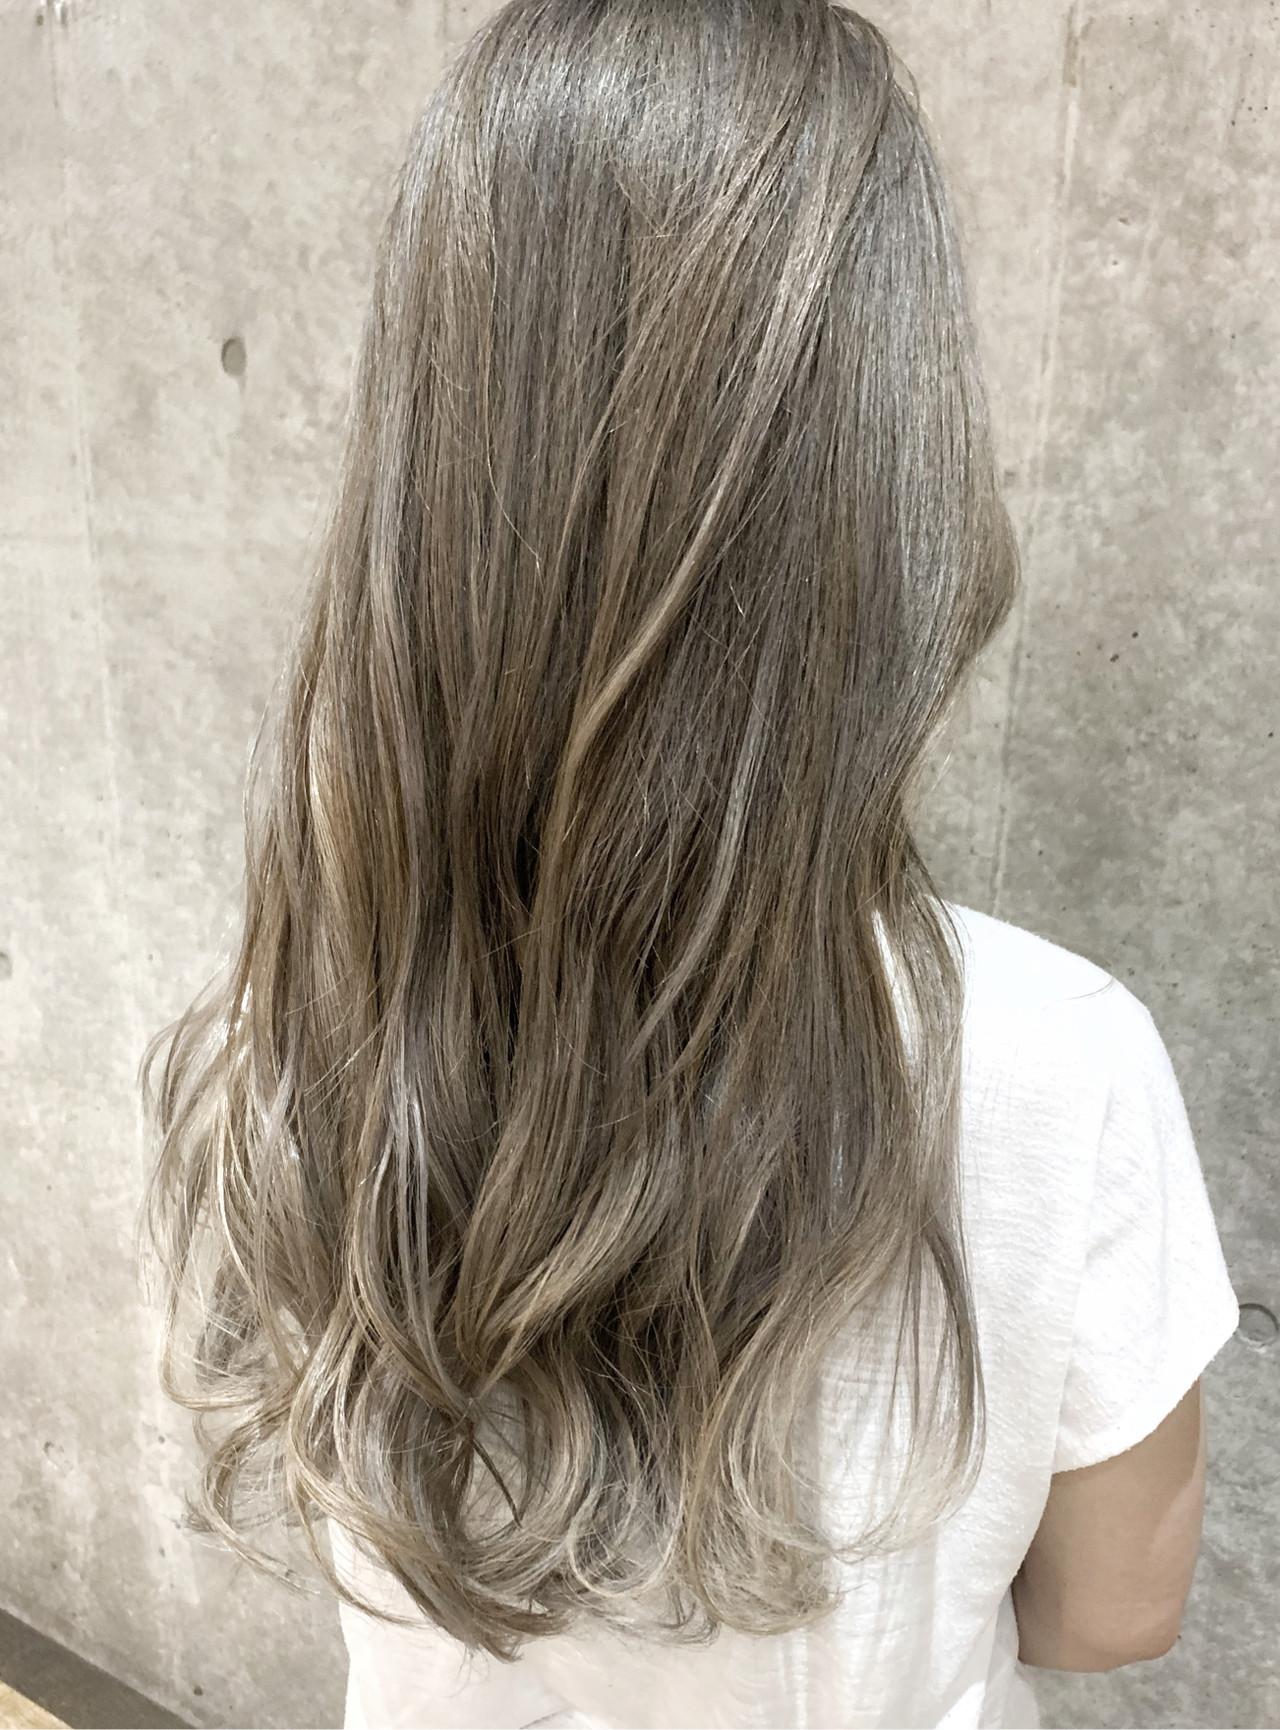 グラデーションカラー ミルクティーベージュ ロング ハイライト ヘアスタイルや髪型の写真・画像